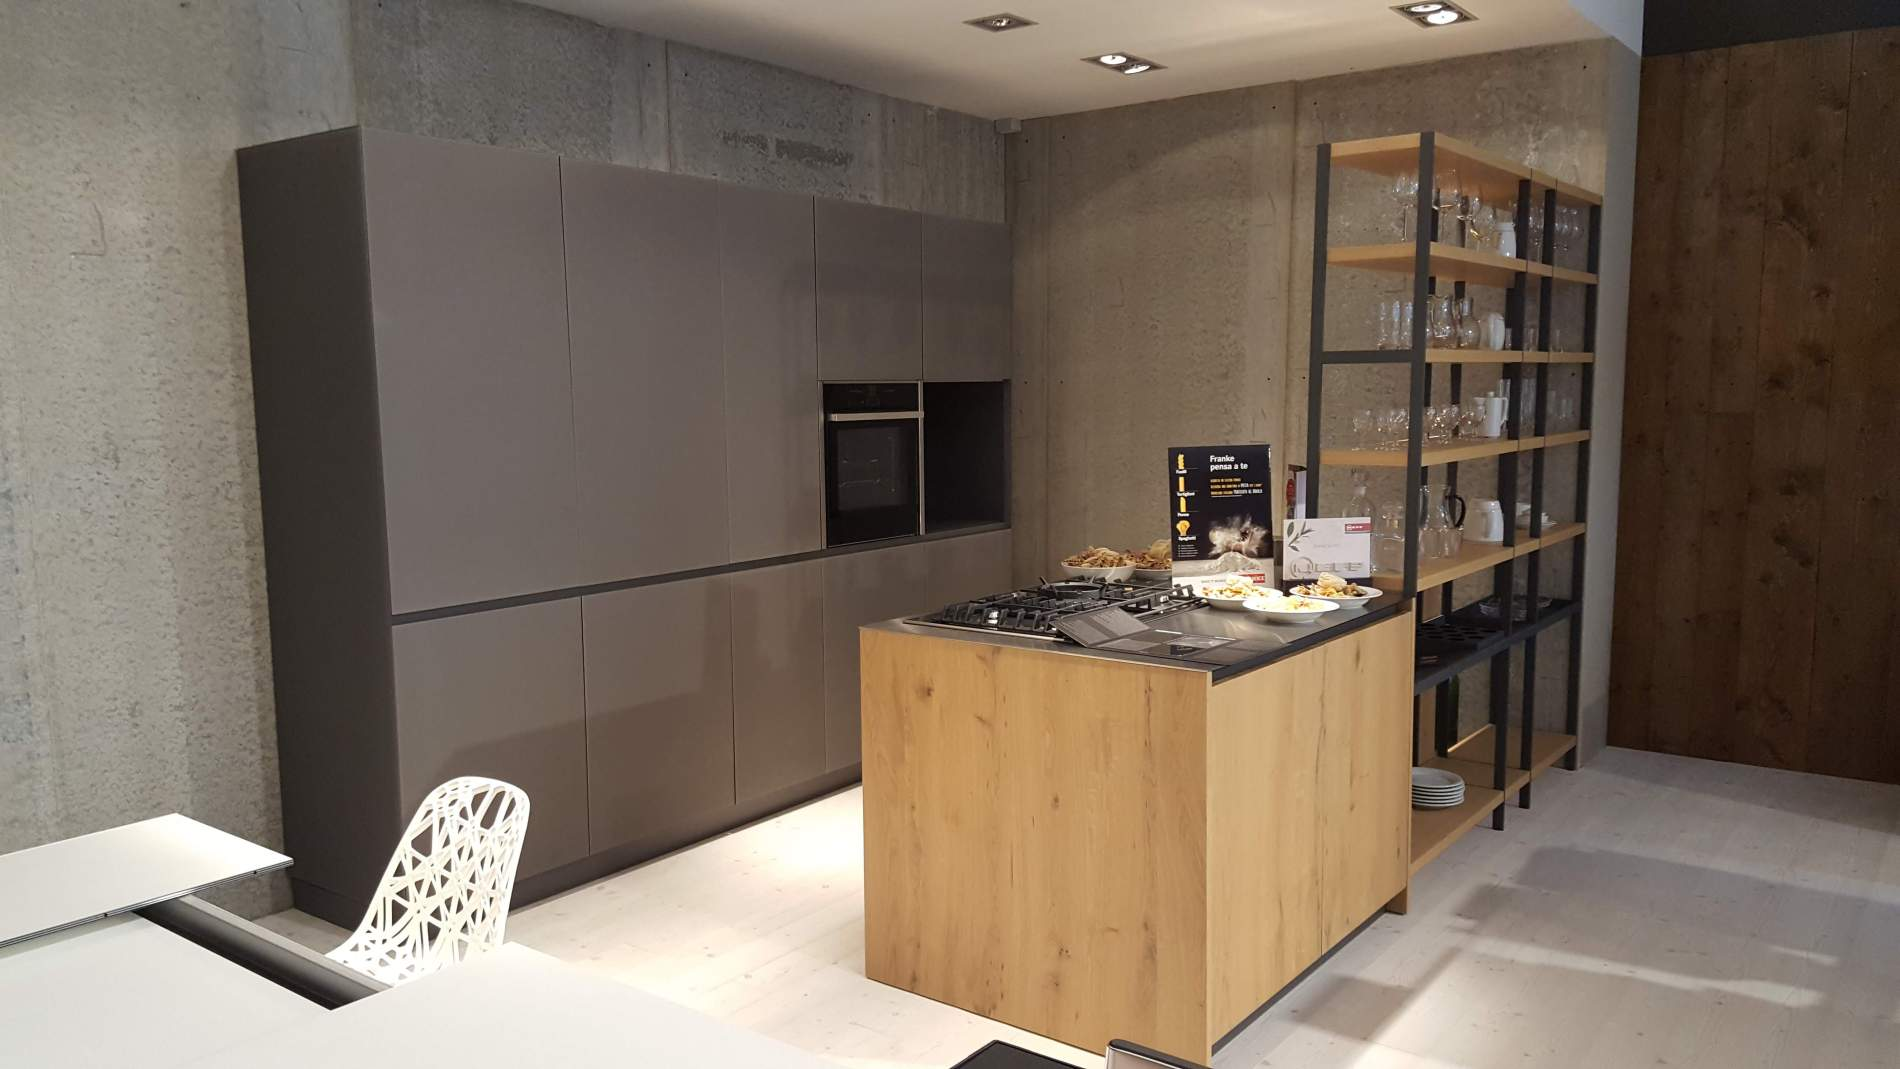 Cucina Valdesign modello REEF + LOGICA 2.2